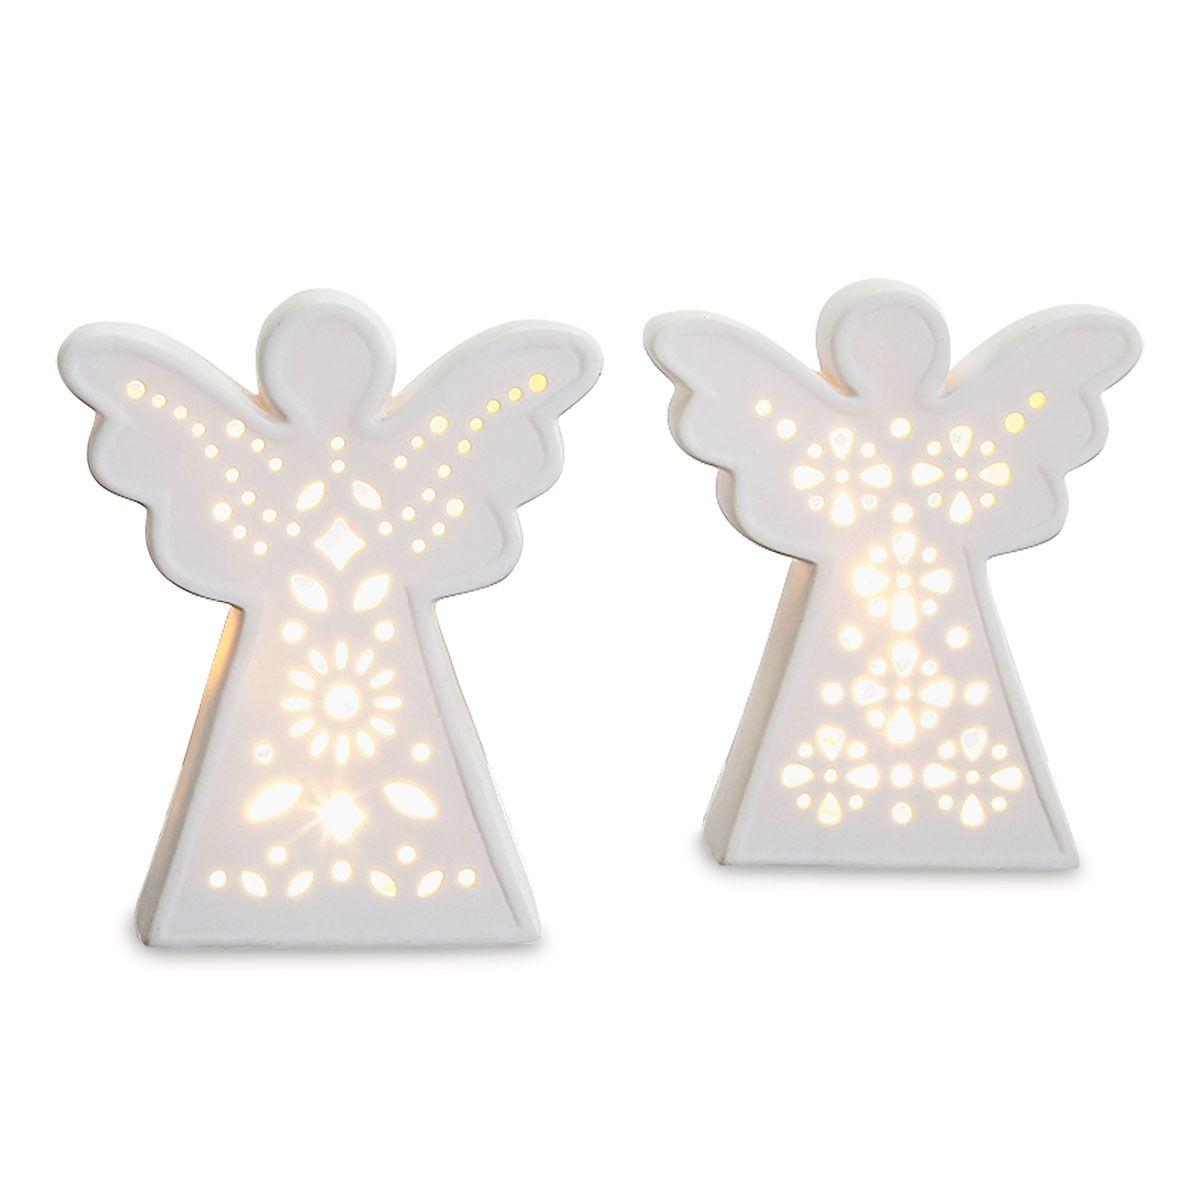 LED Angel Figurine